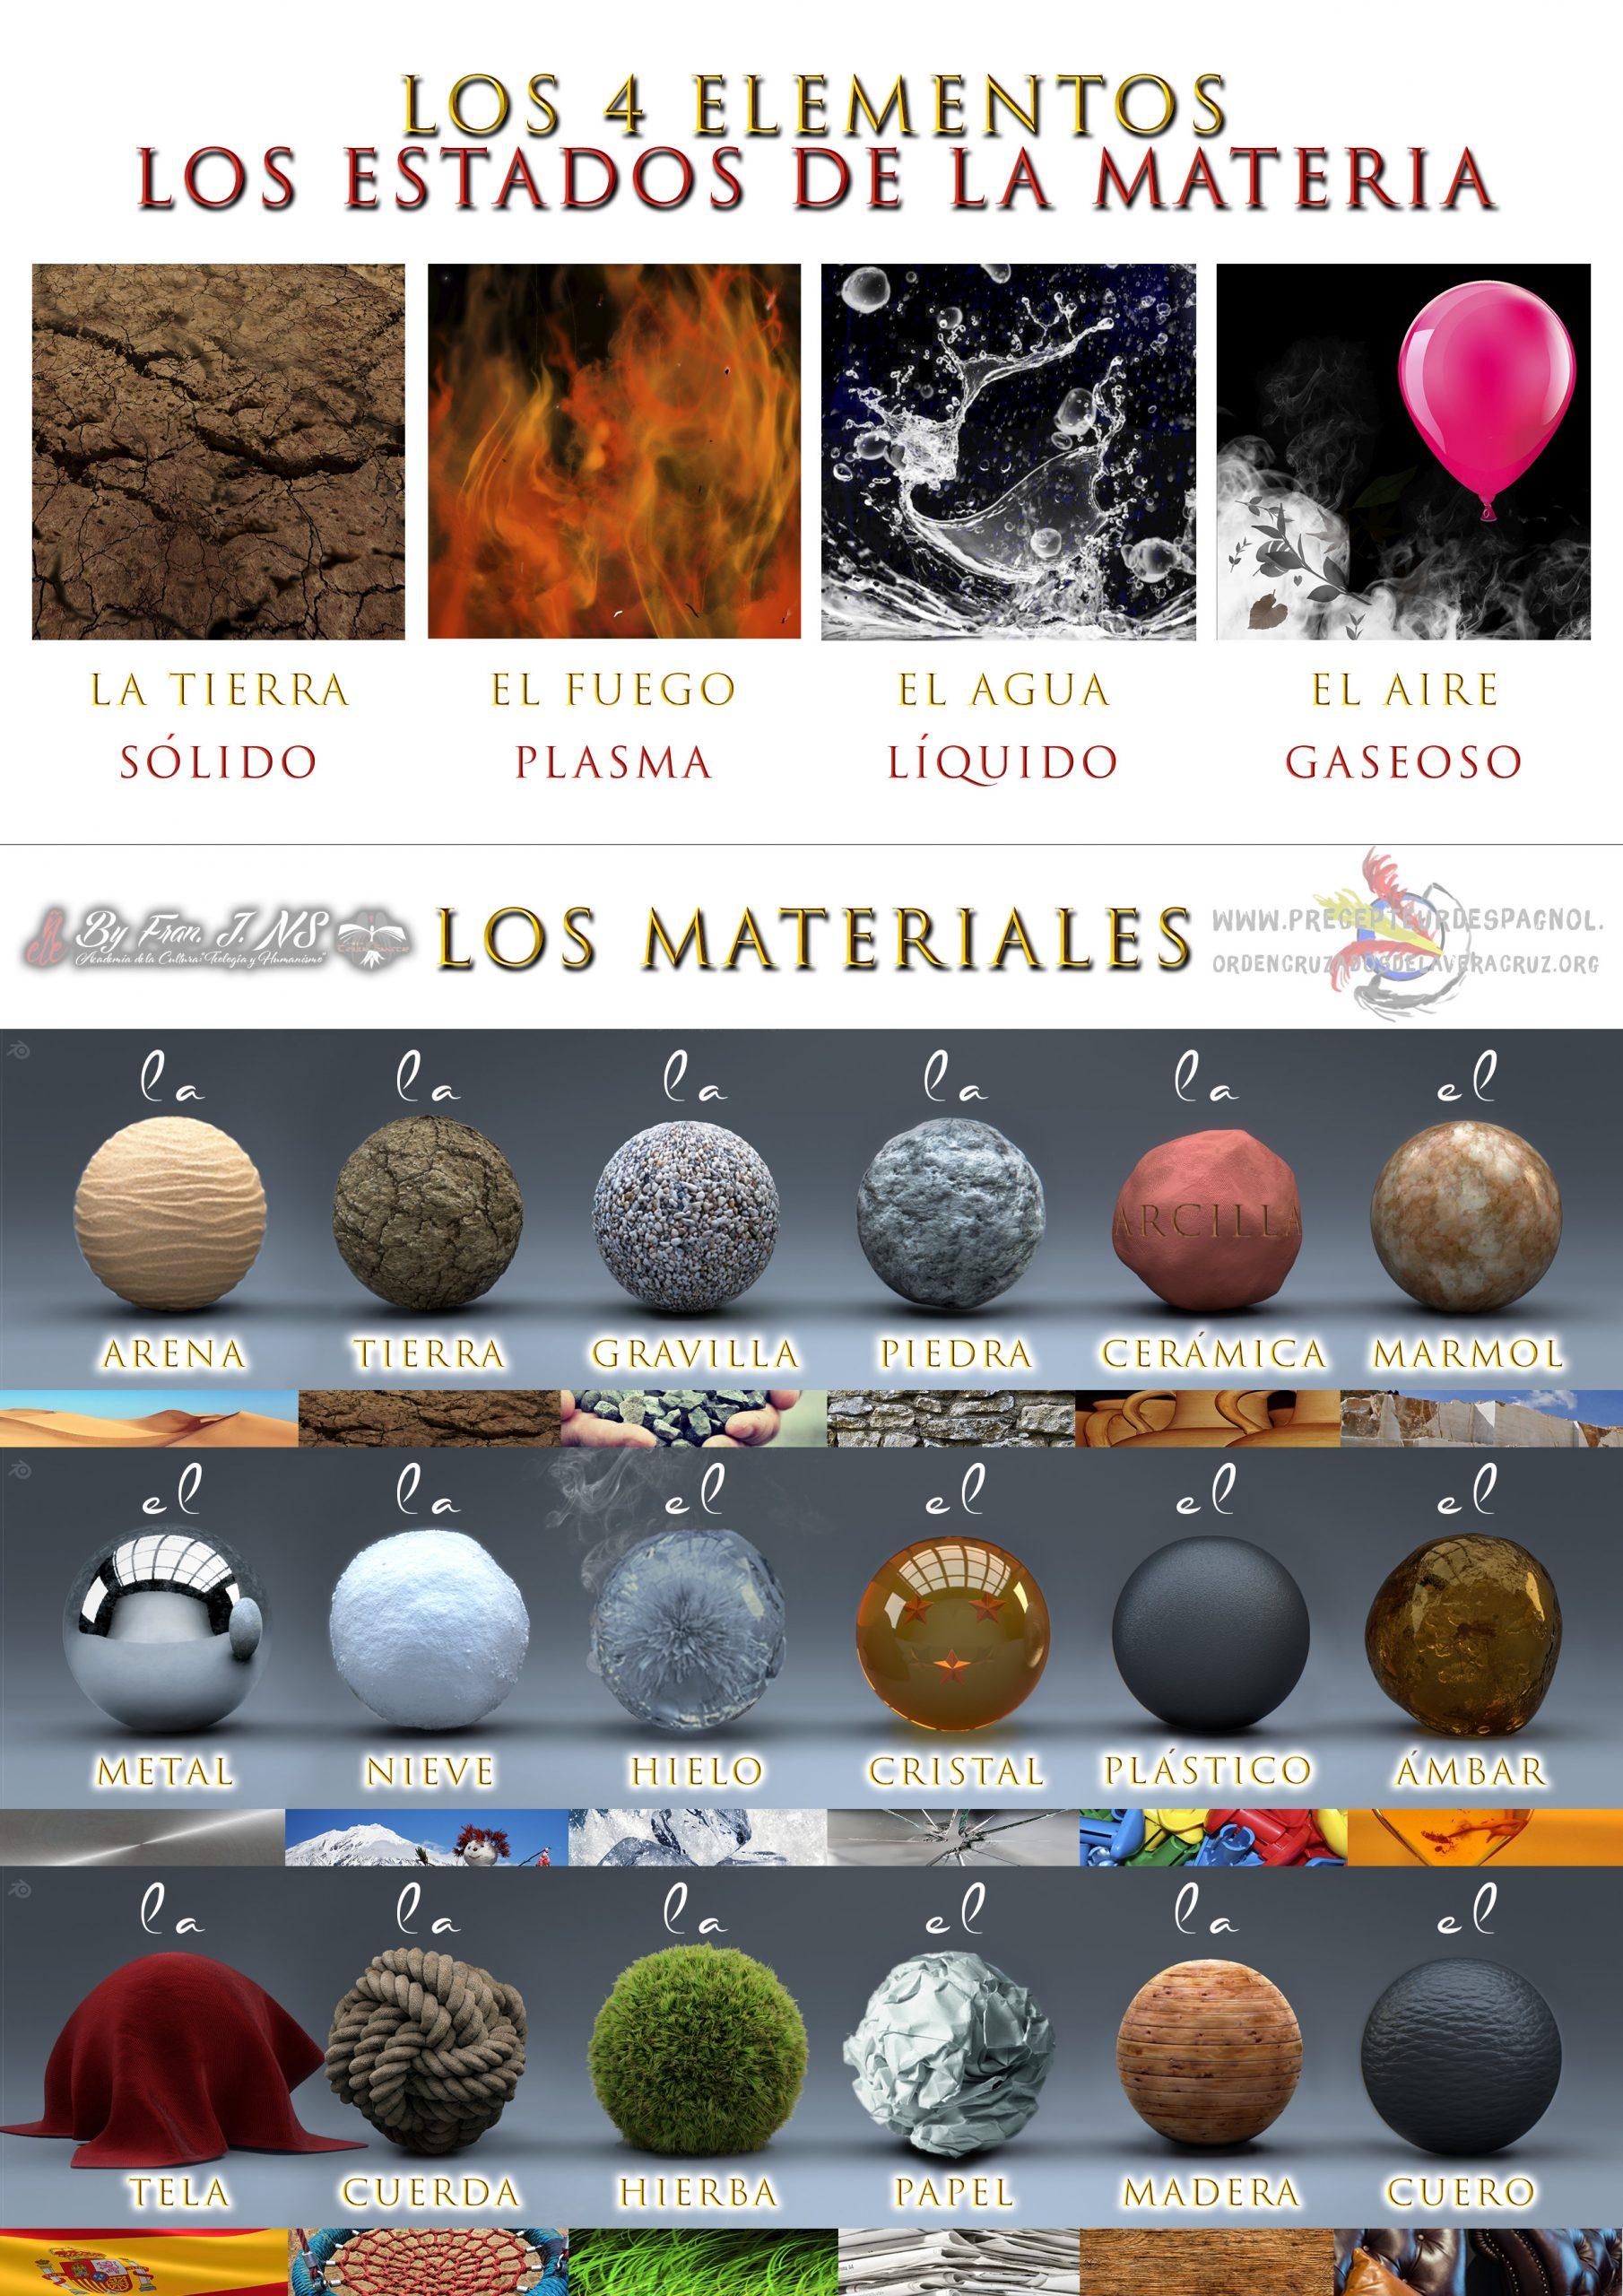 Las materias elementales de la tierra en clase de español como lengua extranjera